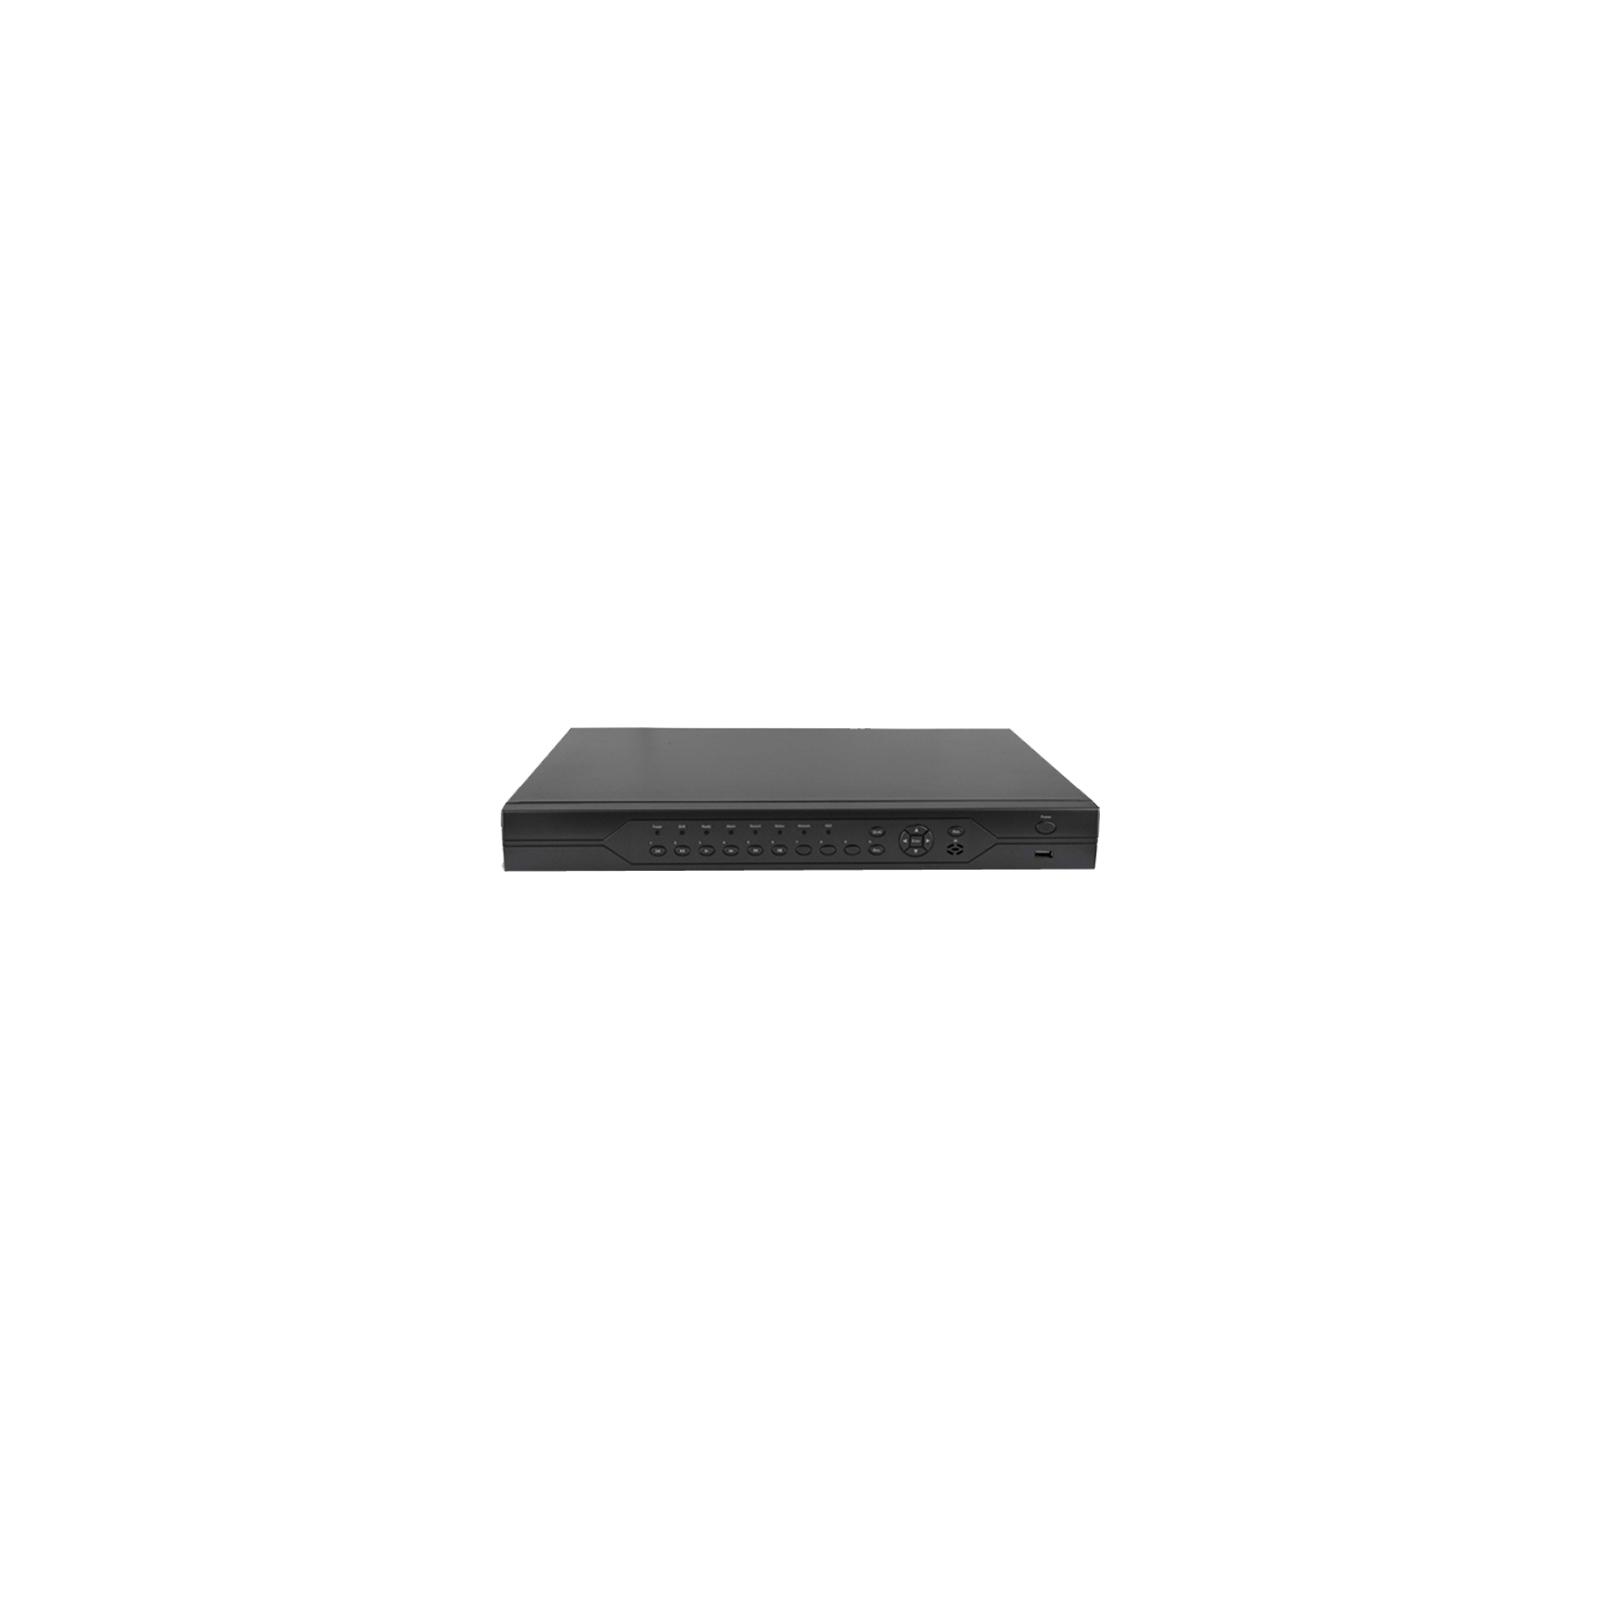 Регистратор для видеонаблюдения Tecsar L3216-0D32C-H (Гибридный видеорегистратор Tecsar L3216-)